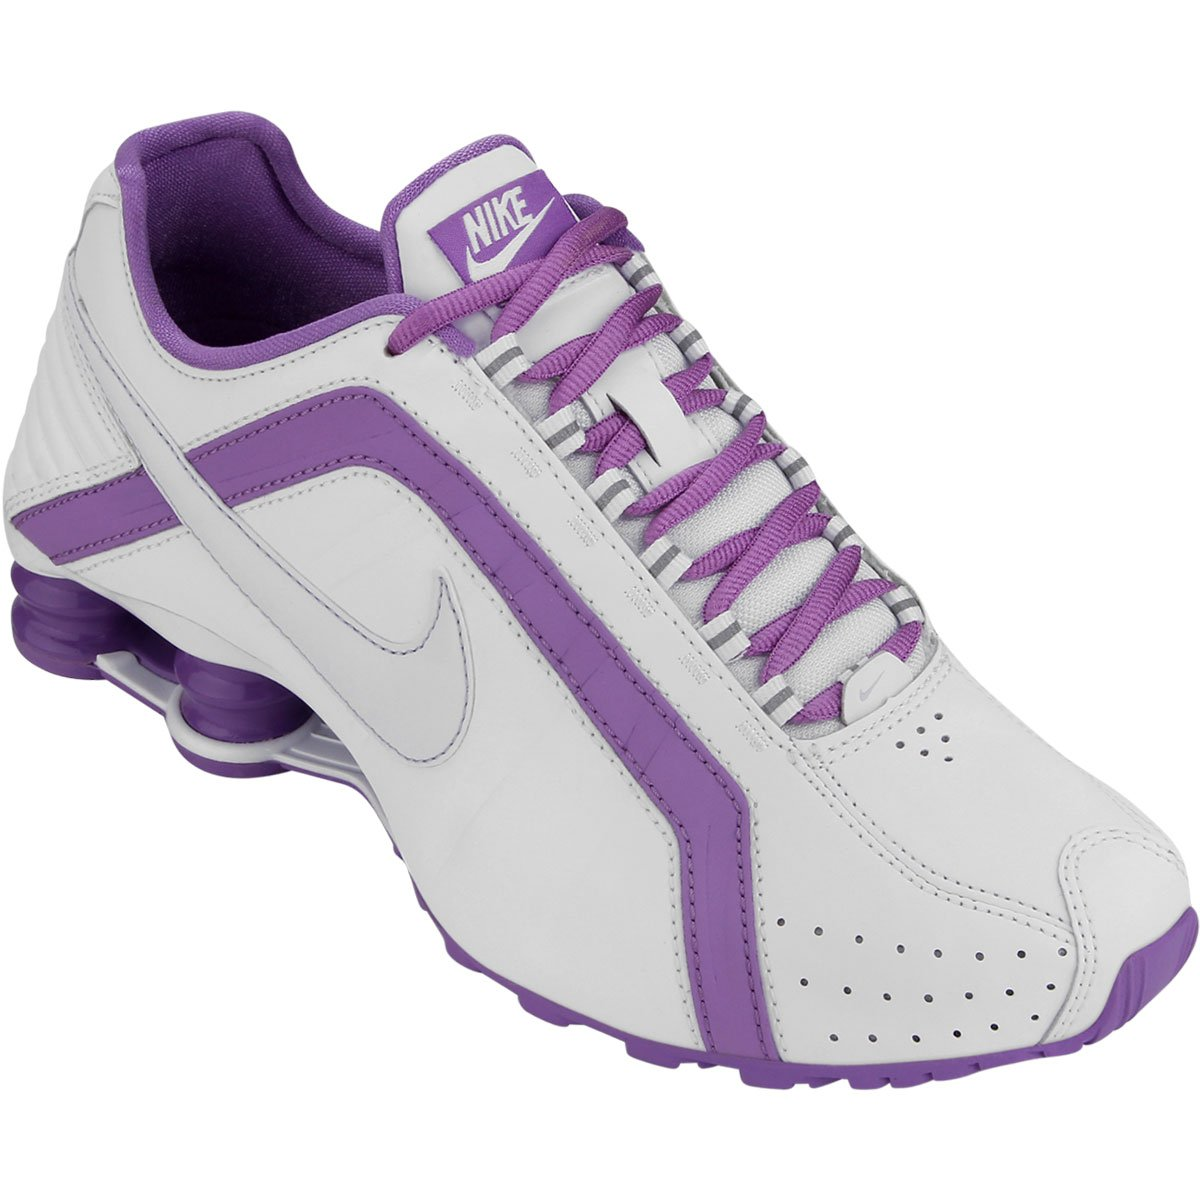 9513e6ac96603 Tênis Nike Shox Junior - Compre Agora